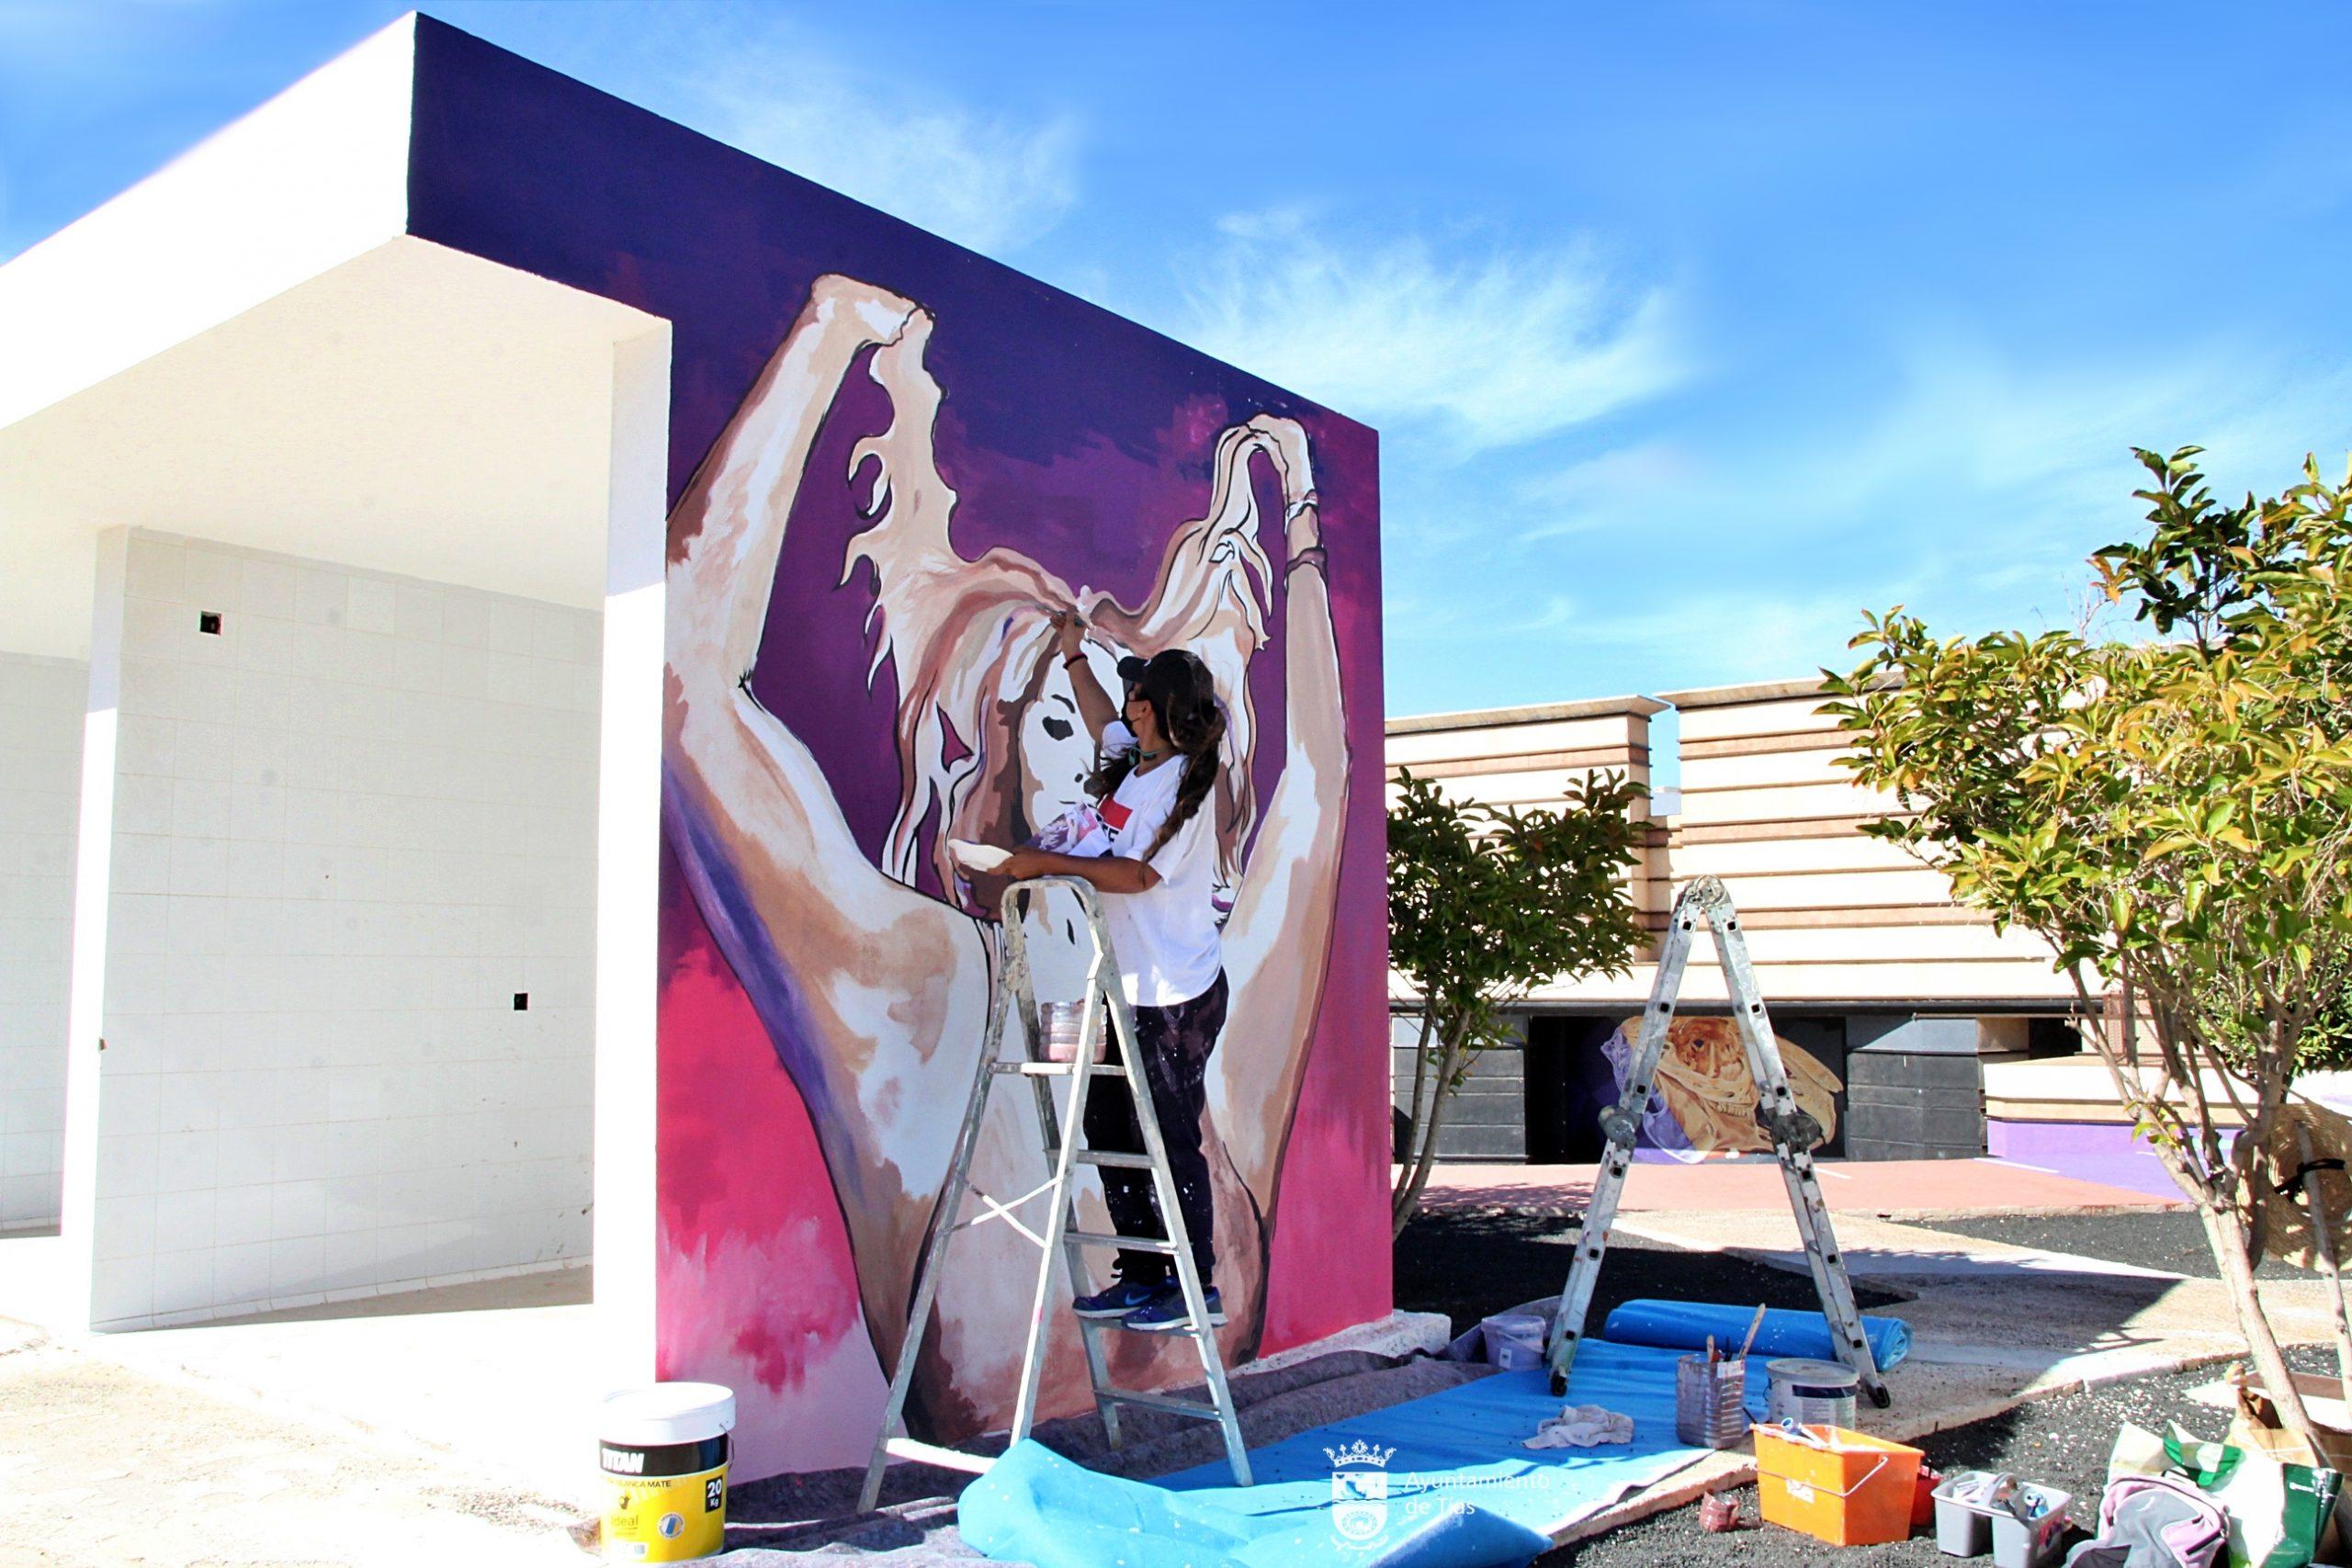 Tías participa en las actividades del ICI contra la gordofobia con tres murales